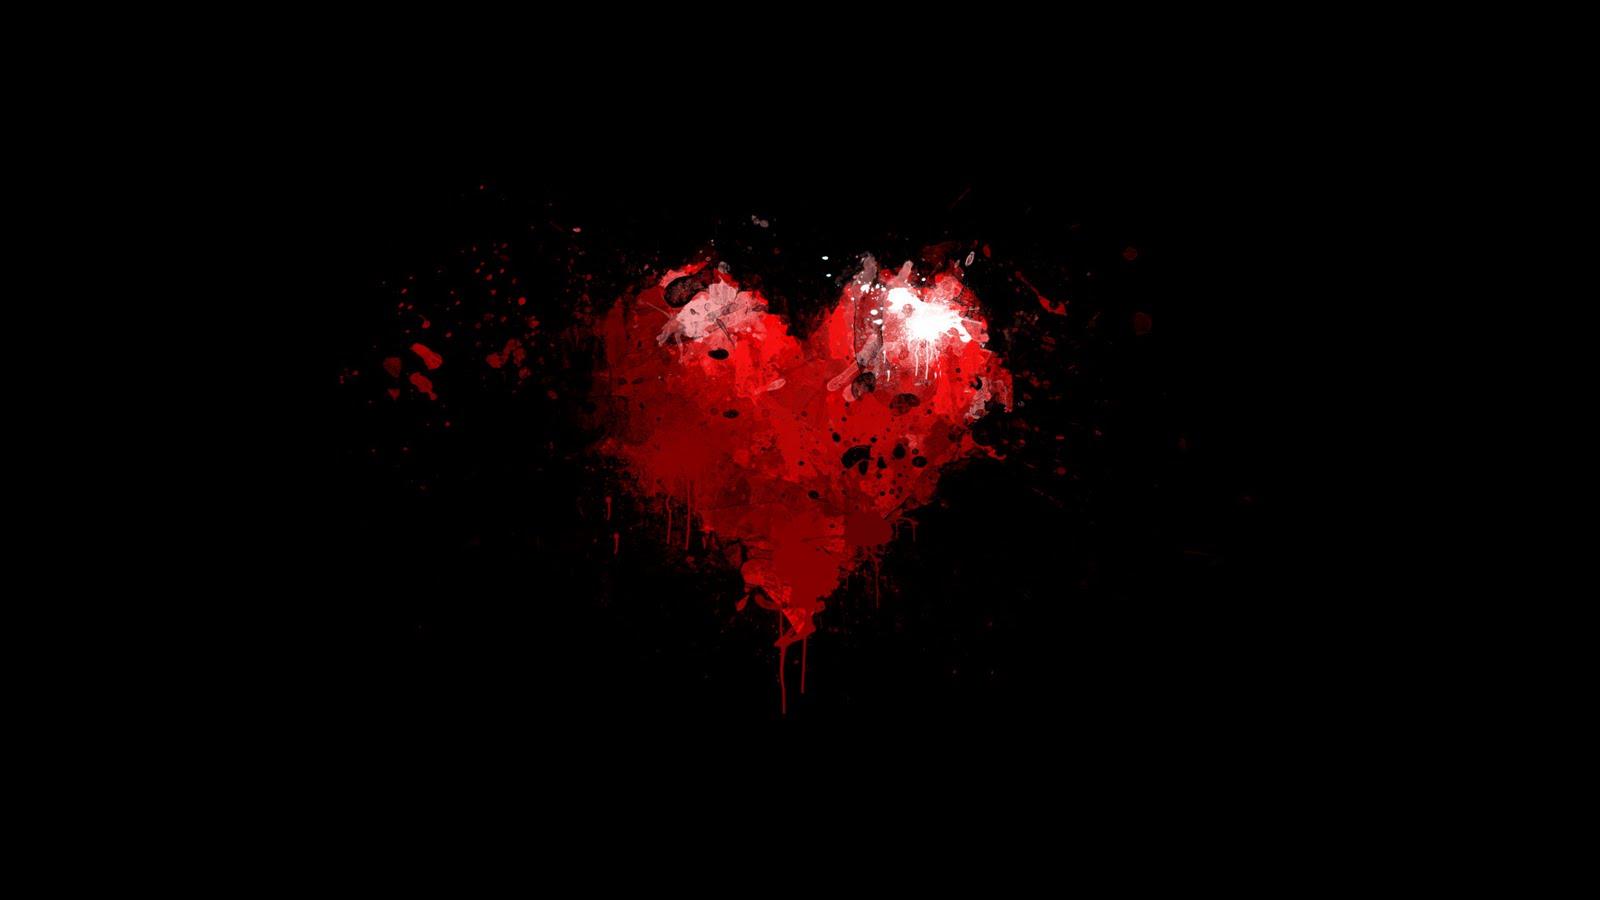 Heart In Love Wallpaper Hd: HD Heart Wallpaper